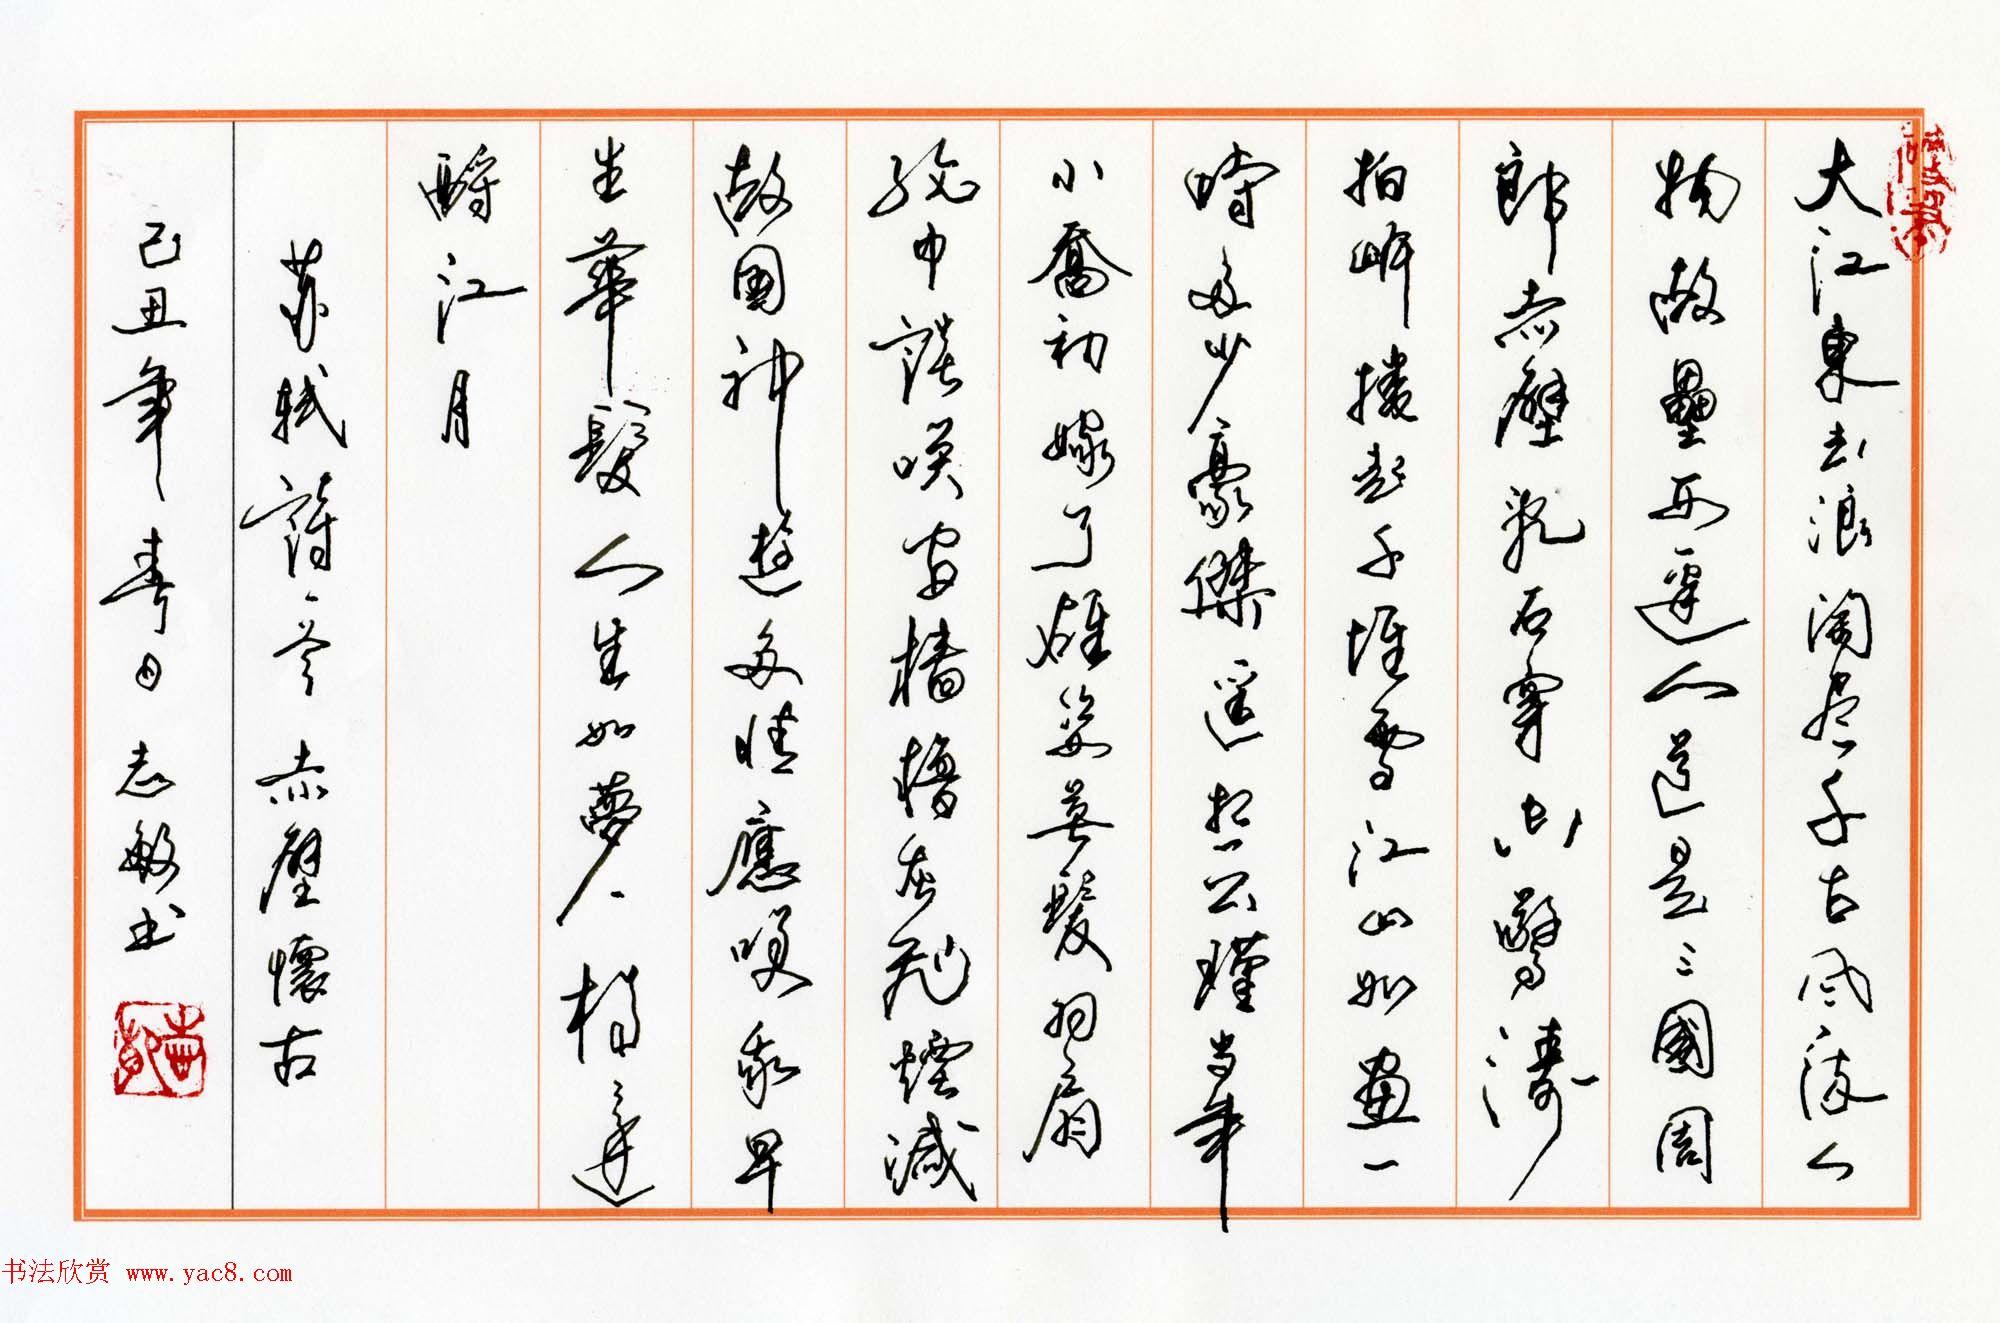 钢笔书法行草字体-稿选刊 莫志敏硬笔书法作品四幅图片